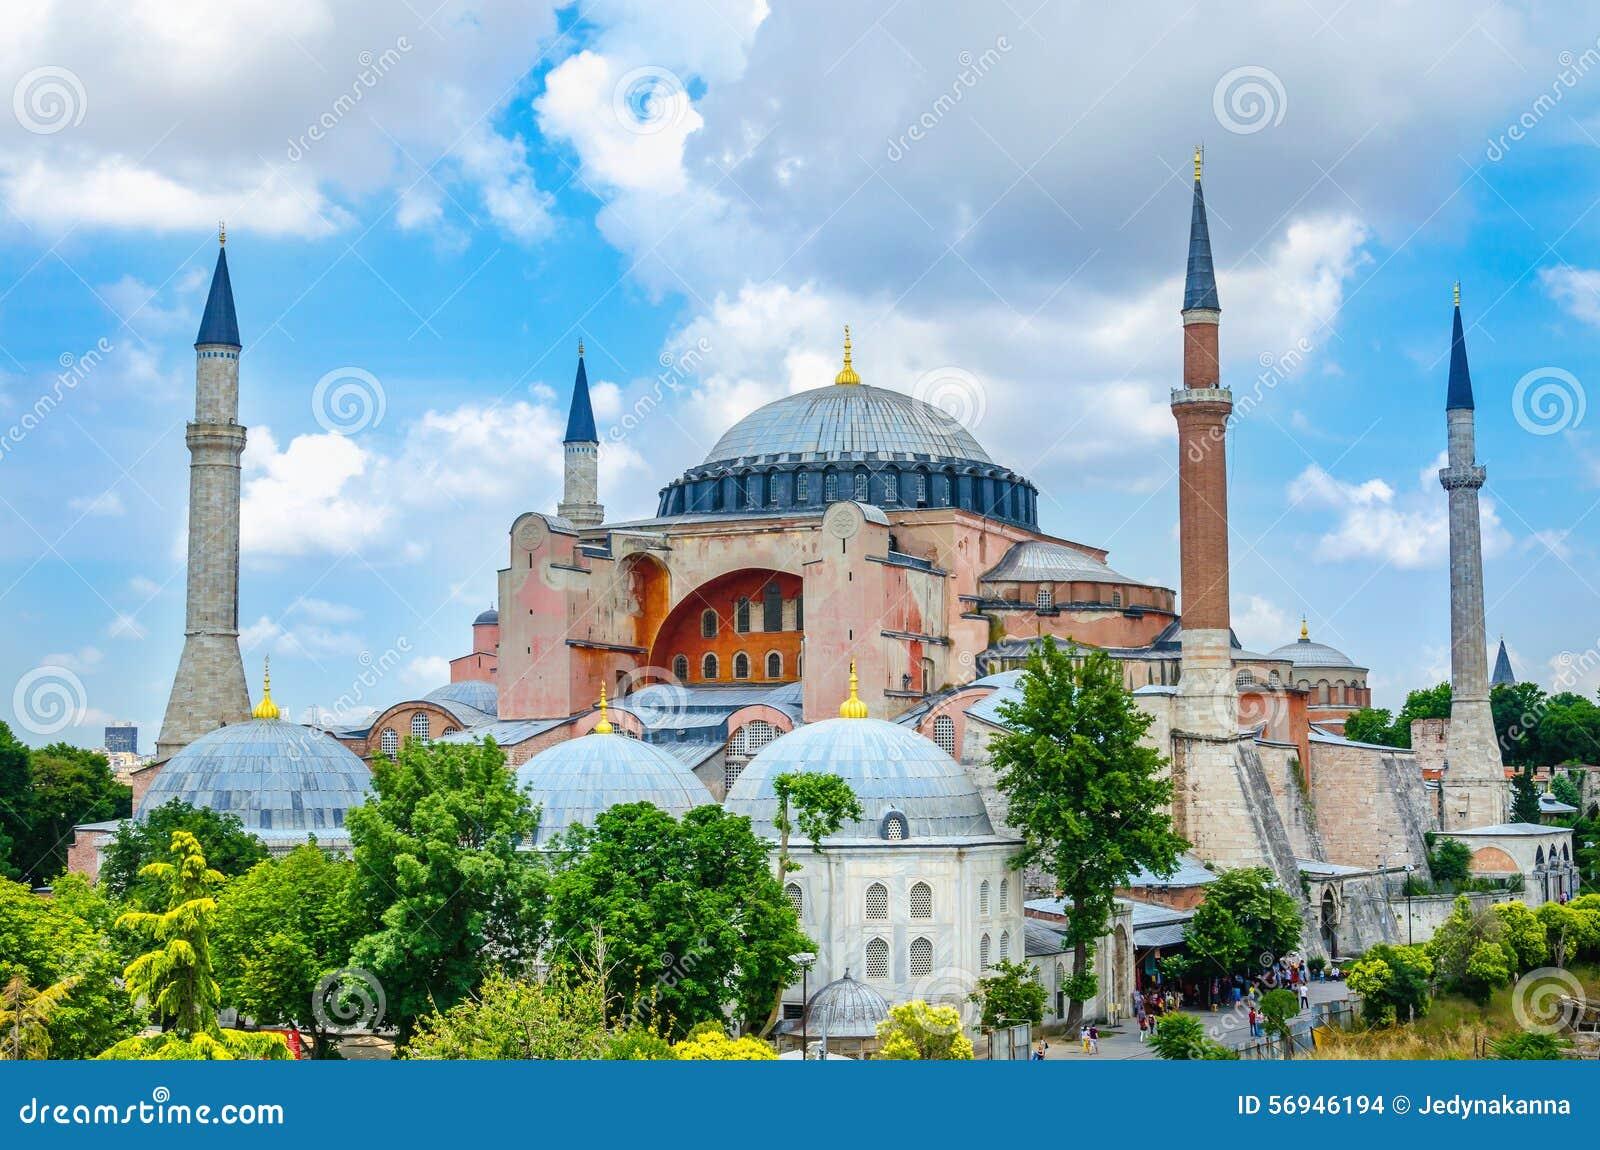 Hagia Sophia, Imperial Mosque And Museum, Istanbul Stock ...